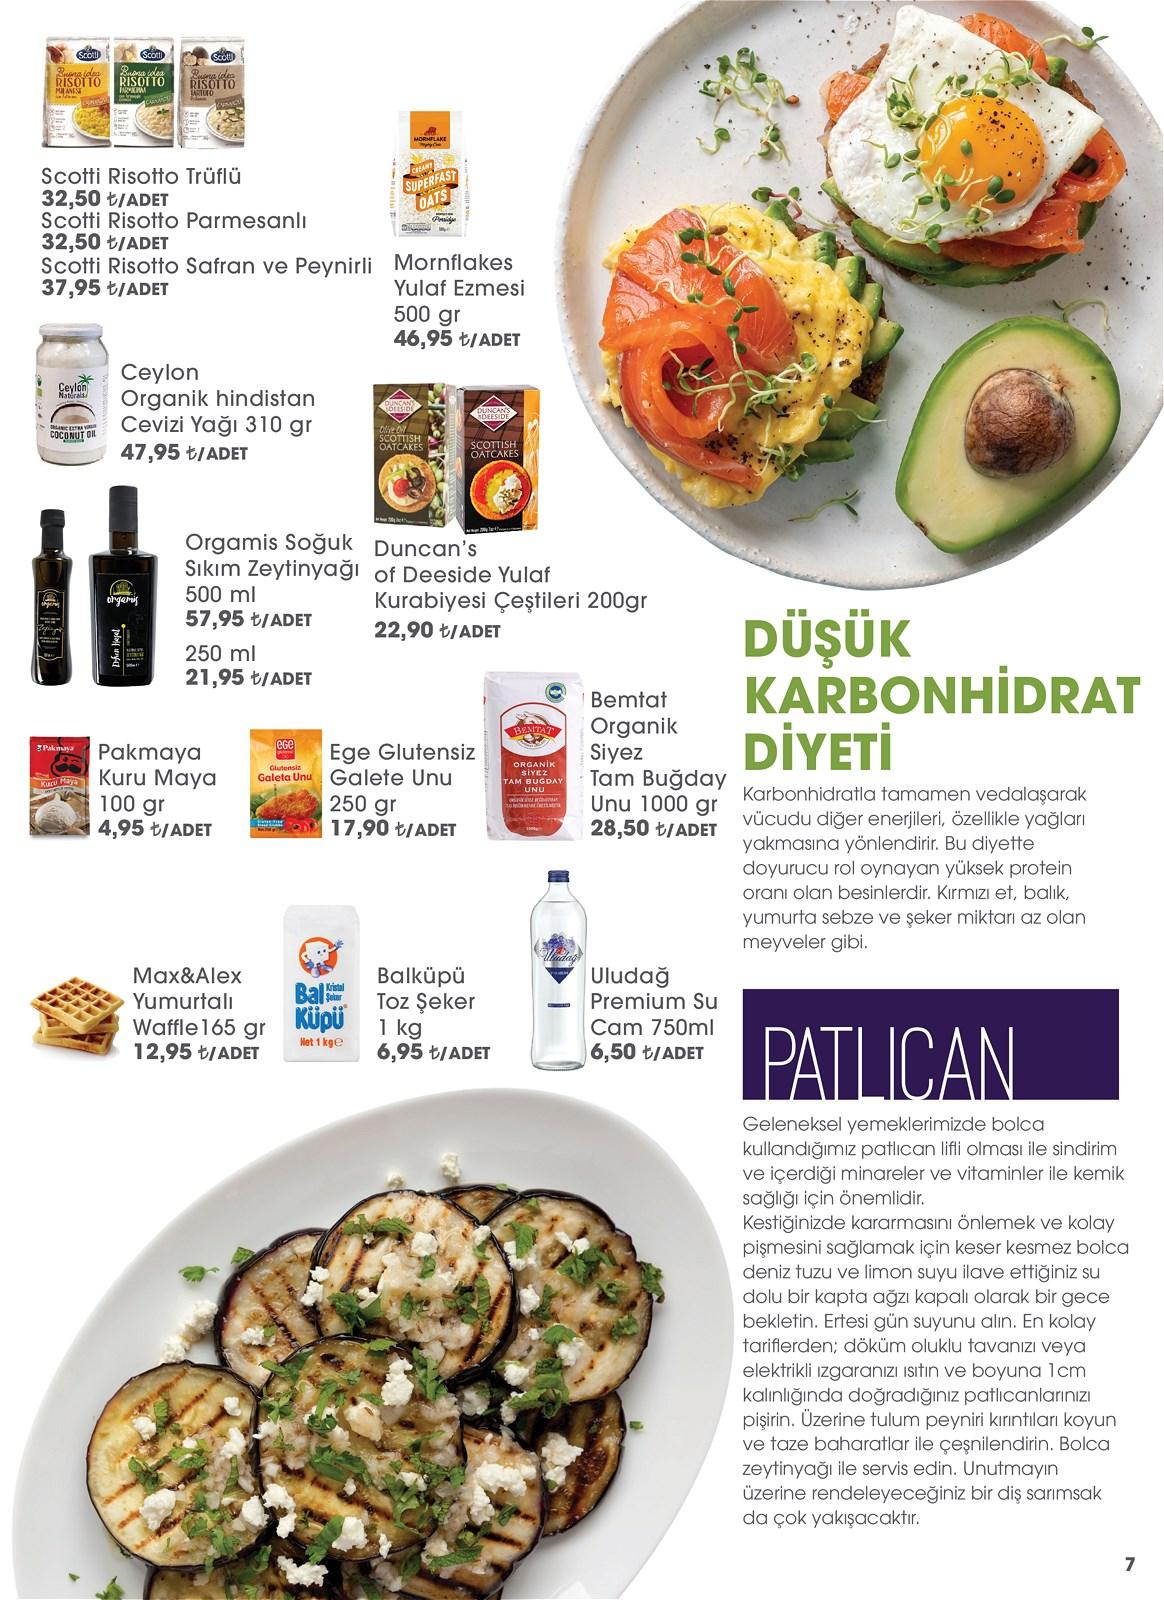 01.06.2021 CarrefourSA broşürü 7. sayfa